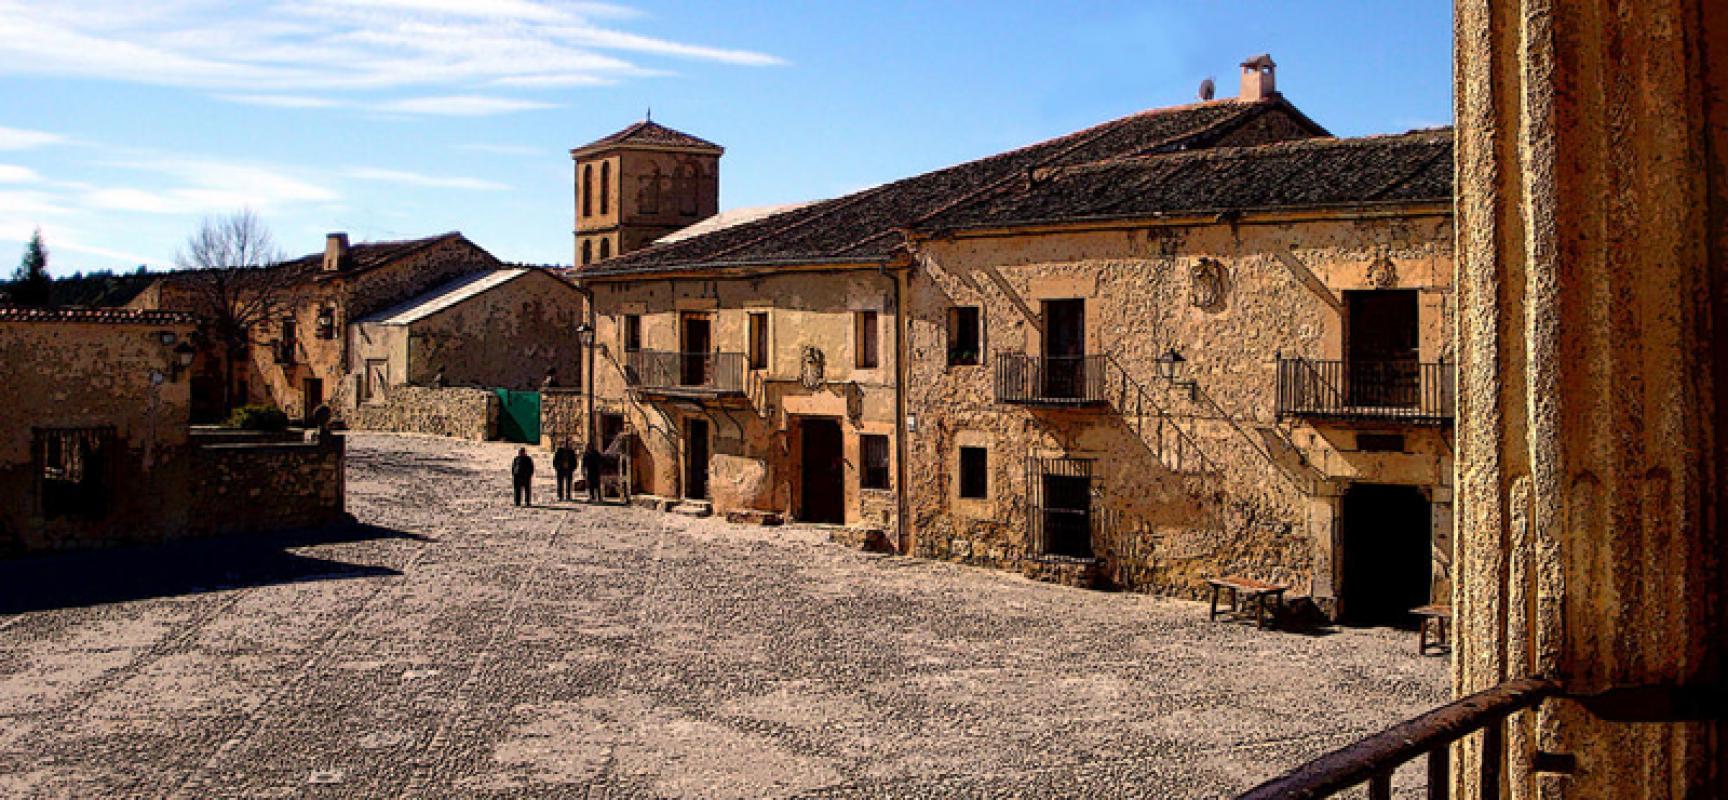 rincones medievales más bonitos de Castilla y León